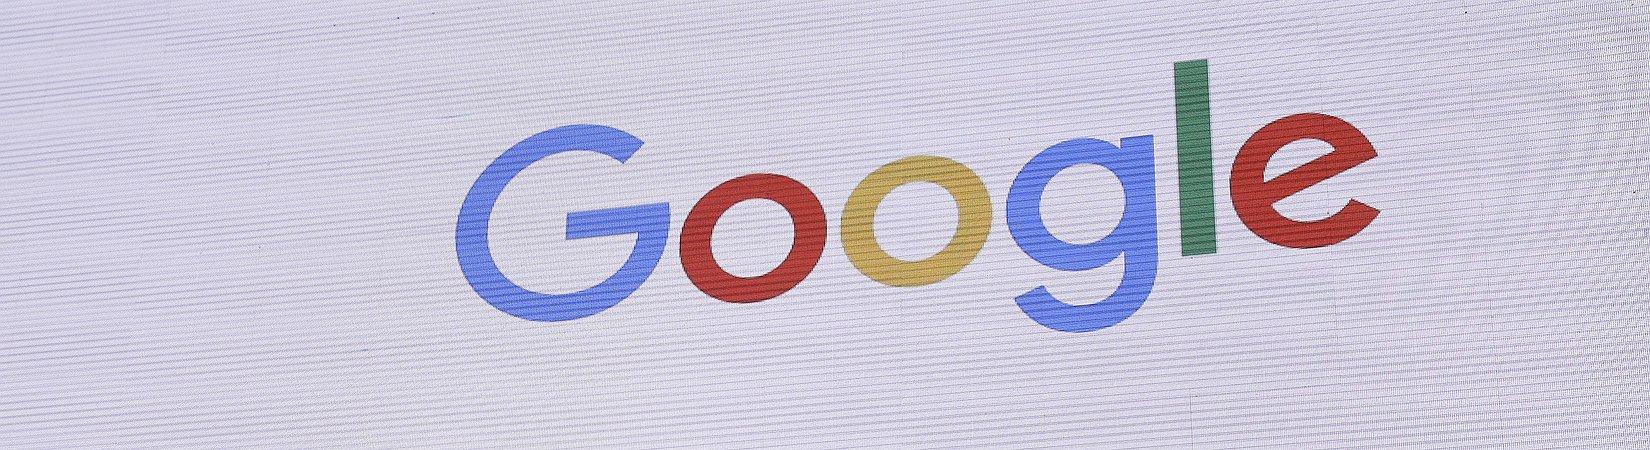 Google cancela el debate sobre el manifiesto machista